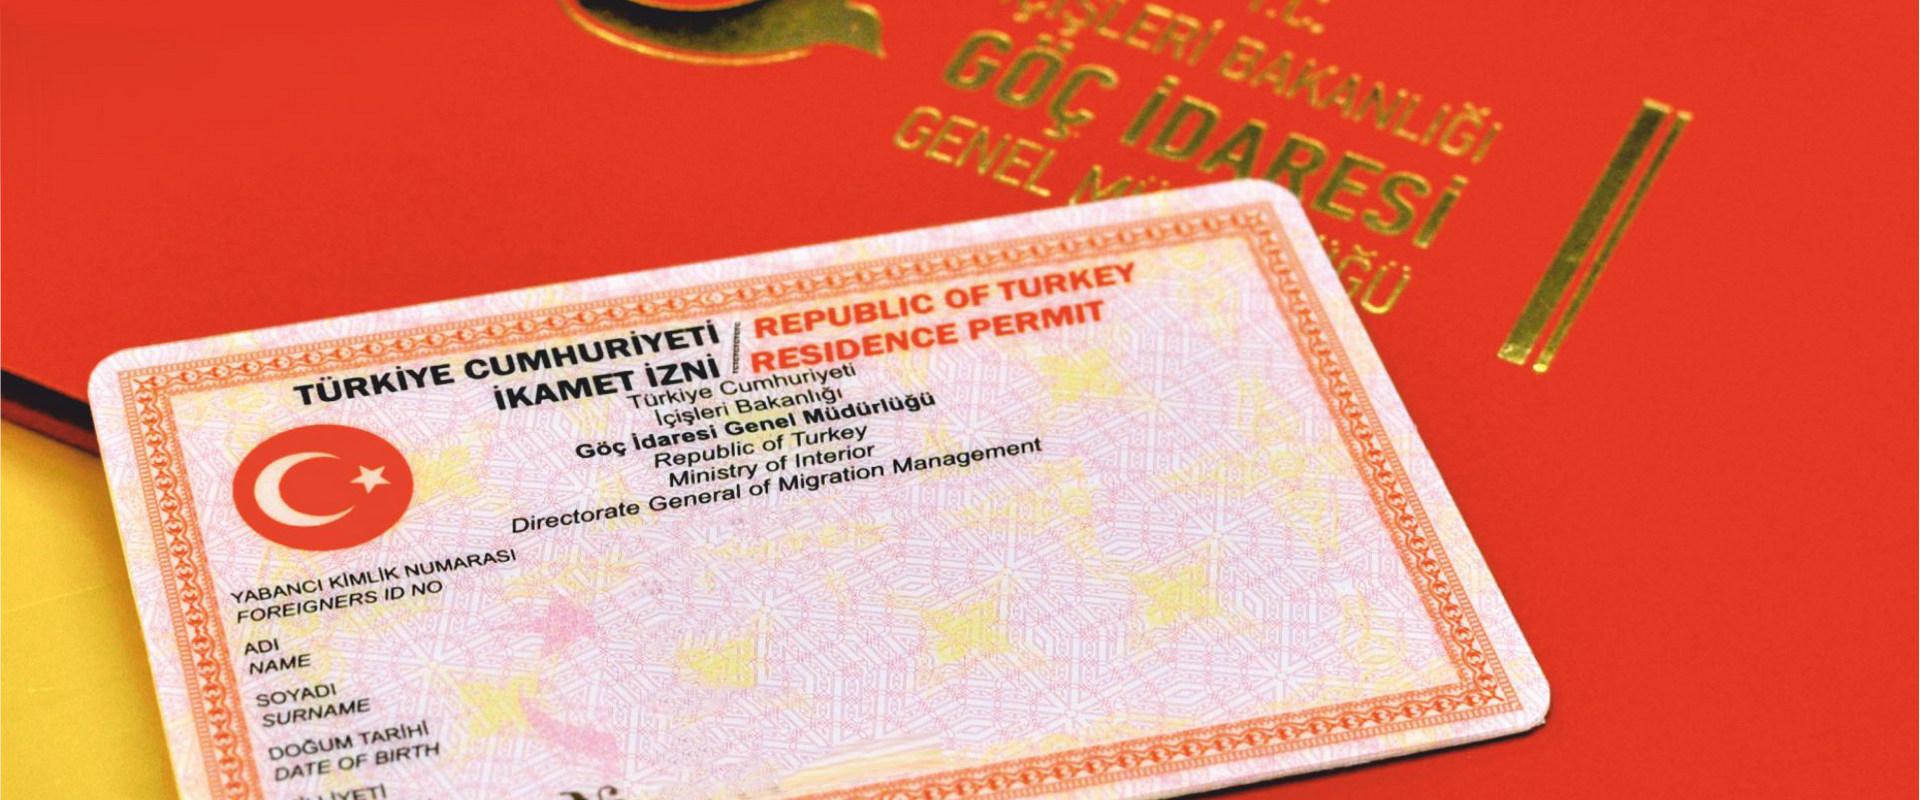 إدارة الهجرة توقف إصدار إذن السفر لطالبي الإقامة السياحية والعائلية الأجانب (تفاصيل)